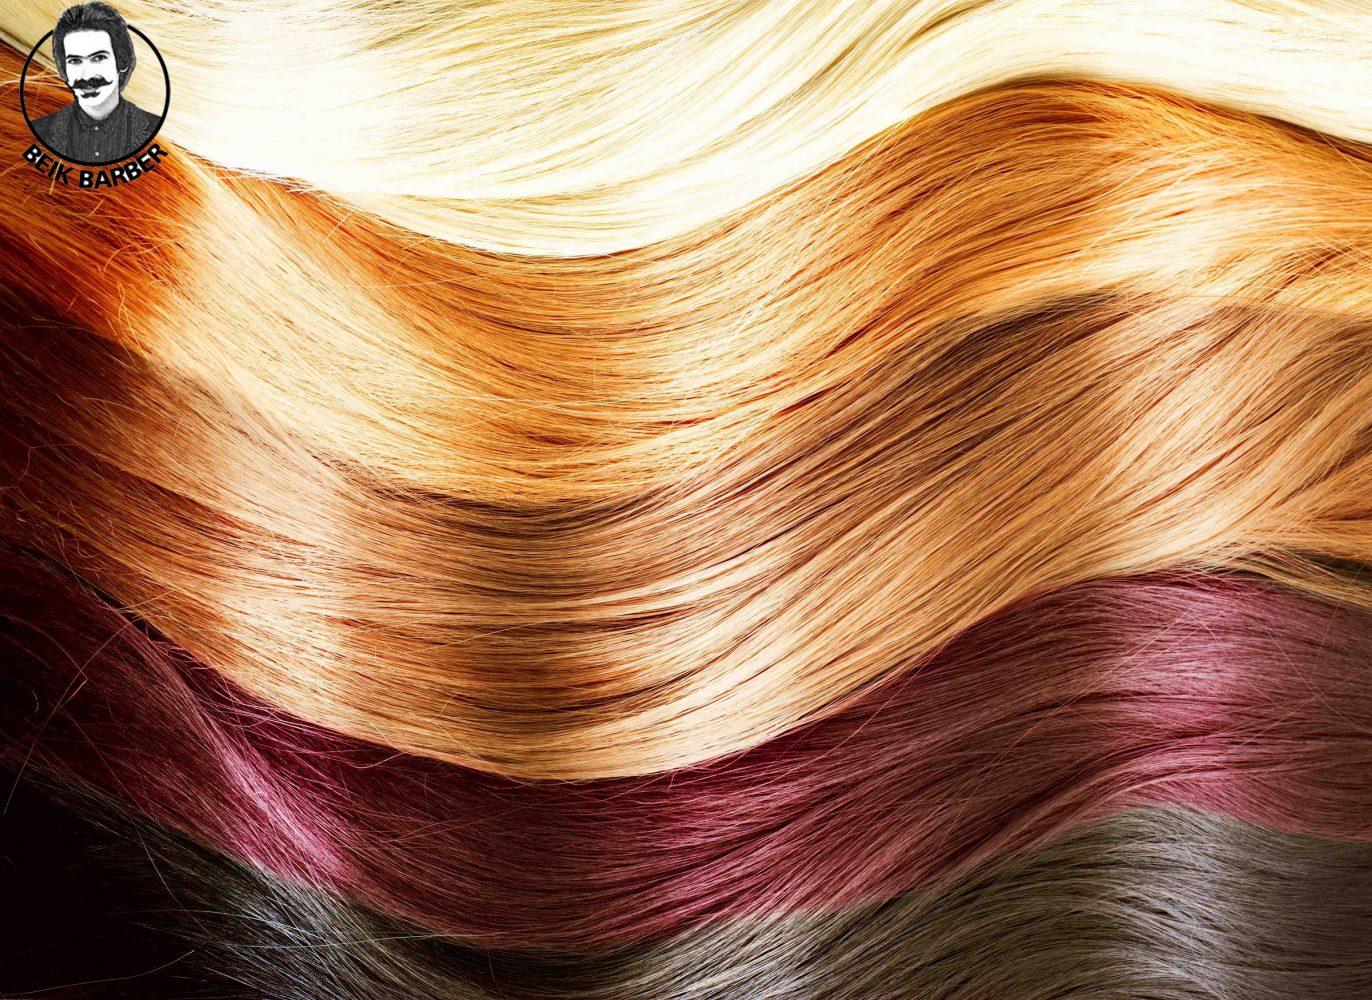 آنالیز ساختار مو